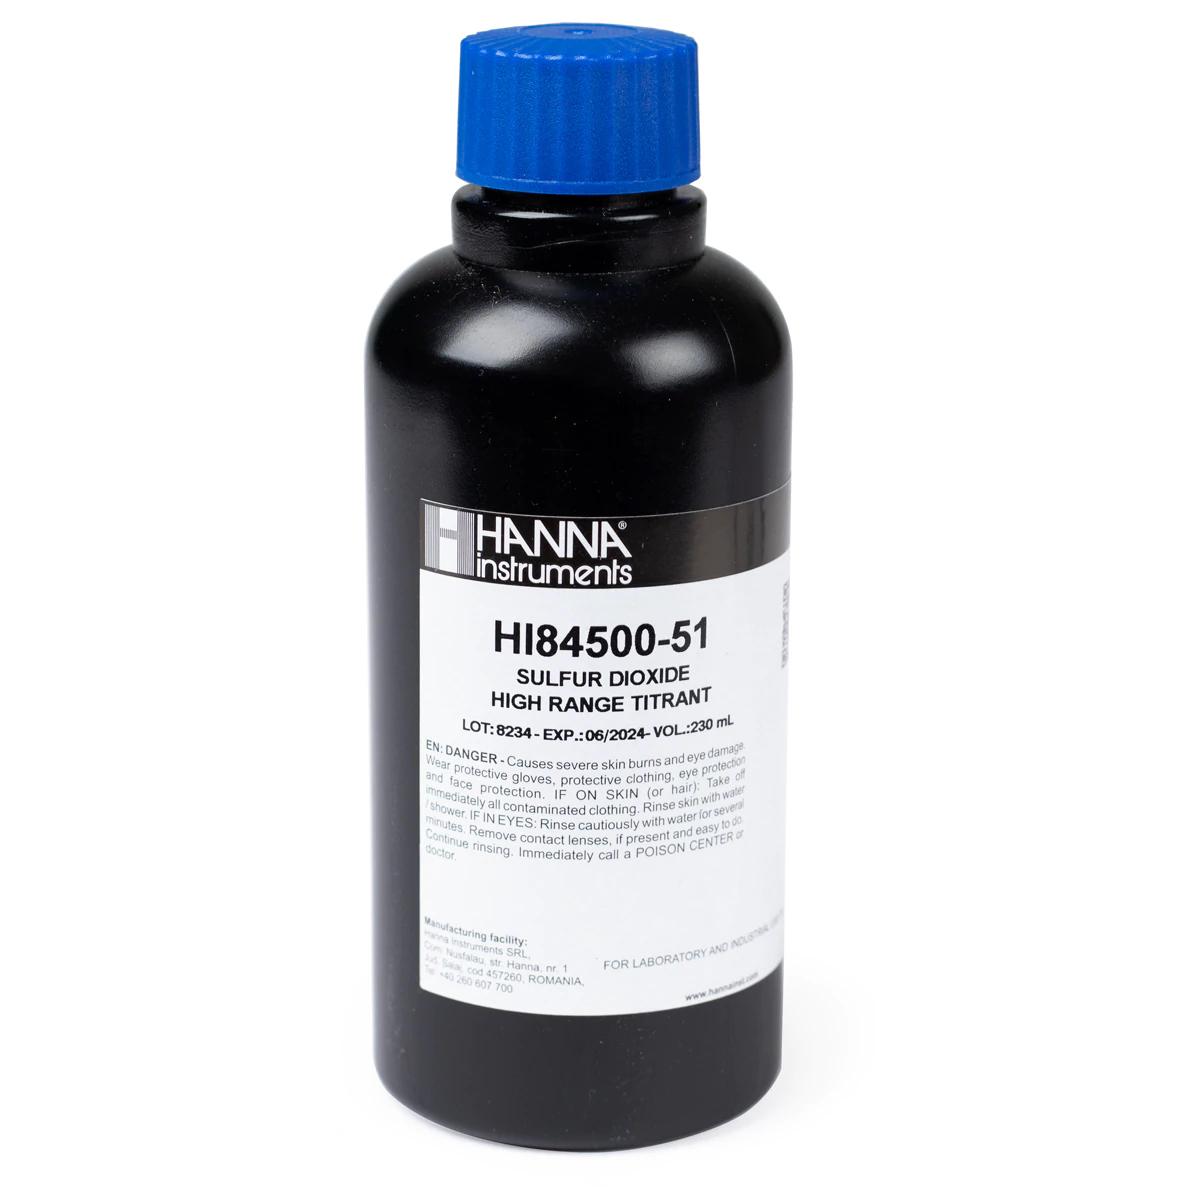 HI84500-51 Titulante de Dióxido de Sulfuro en Vino de Rango Alto (230 mL)